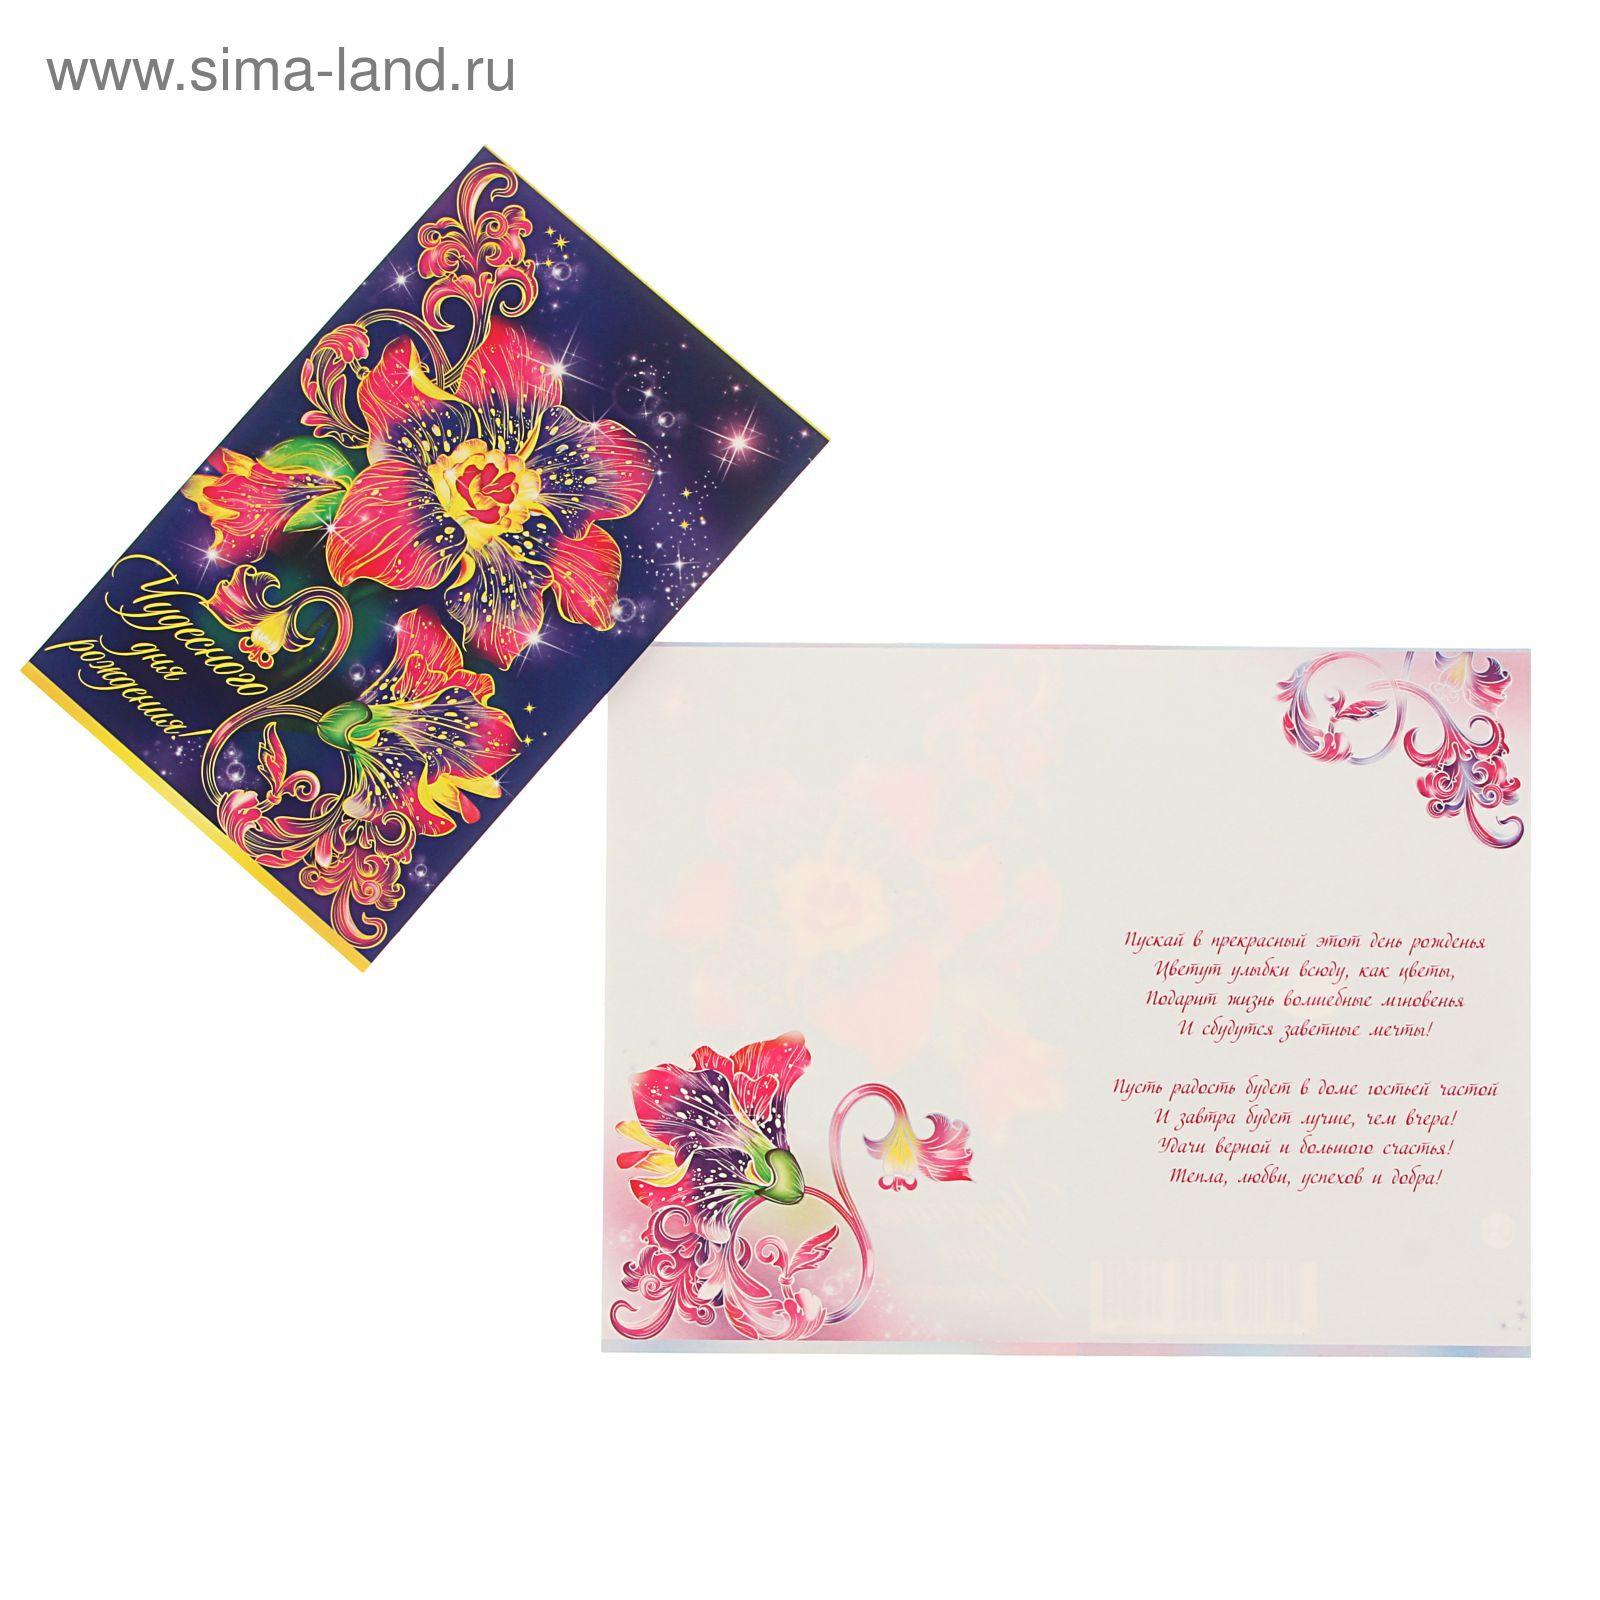 Борисов открытки